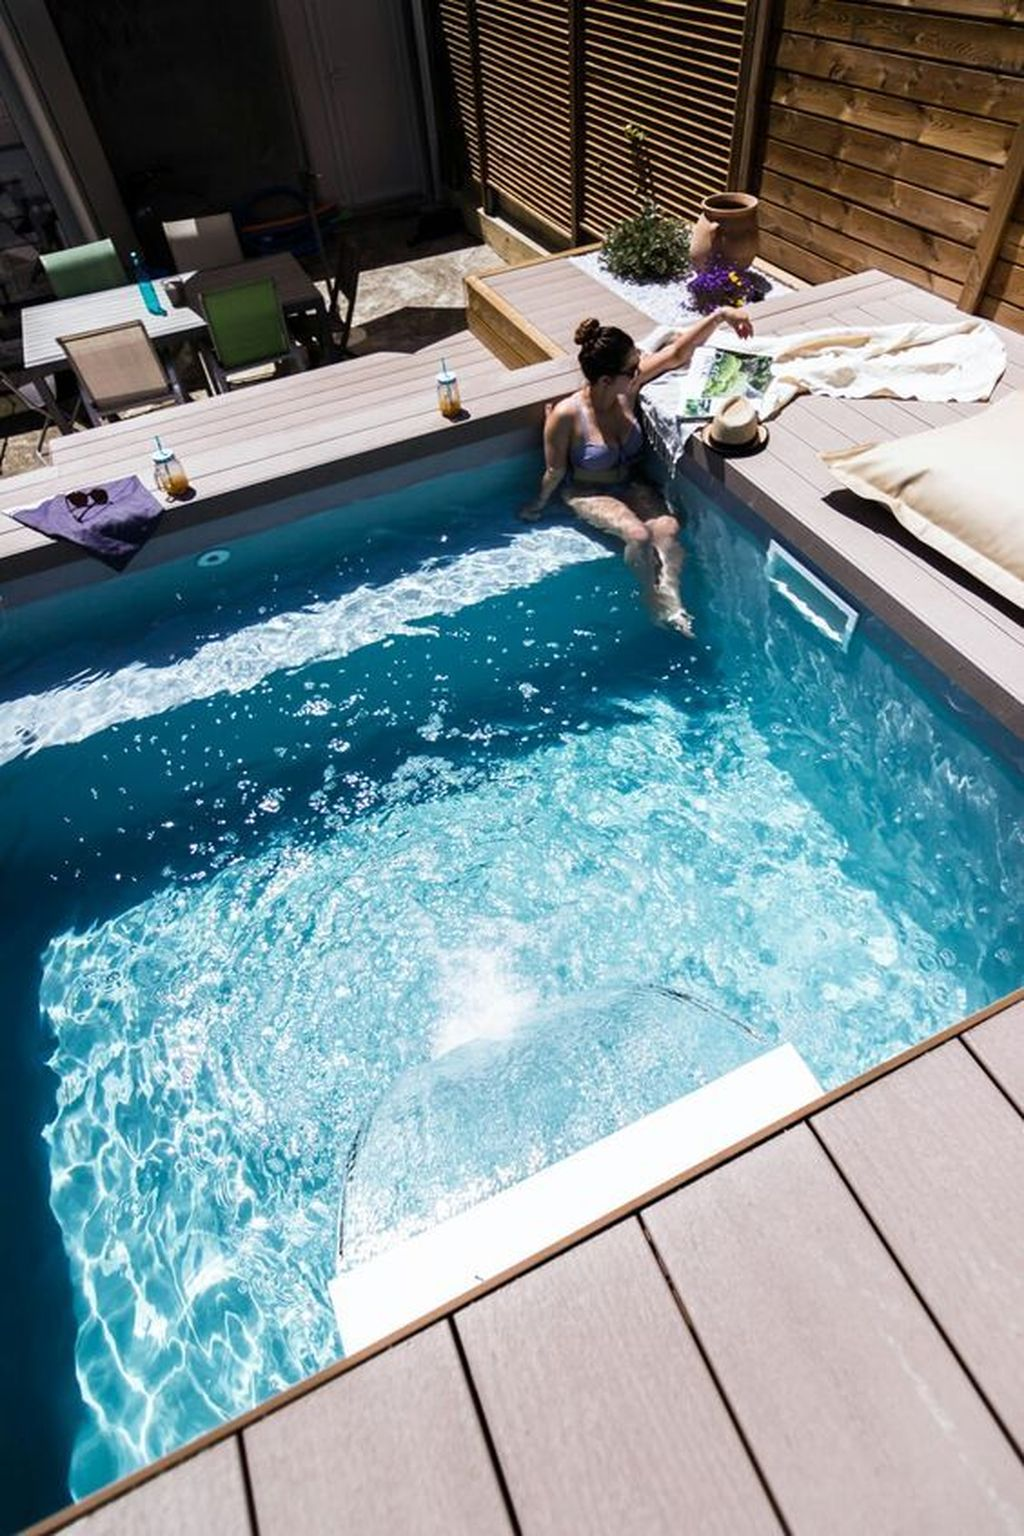 Popular Pool Design Ideas For Summertime 03